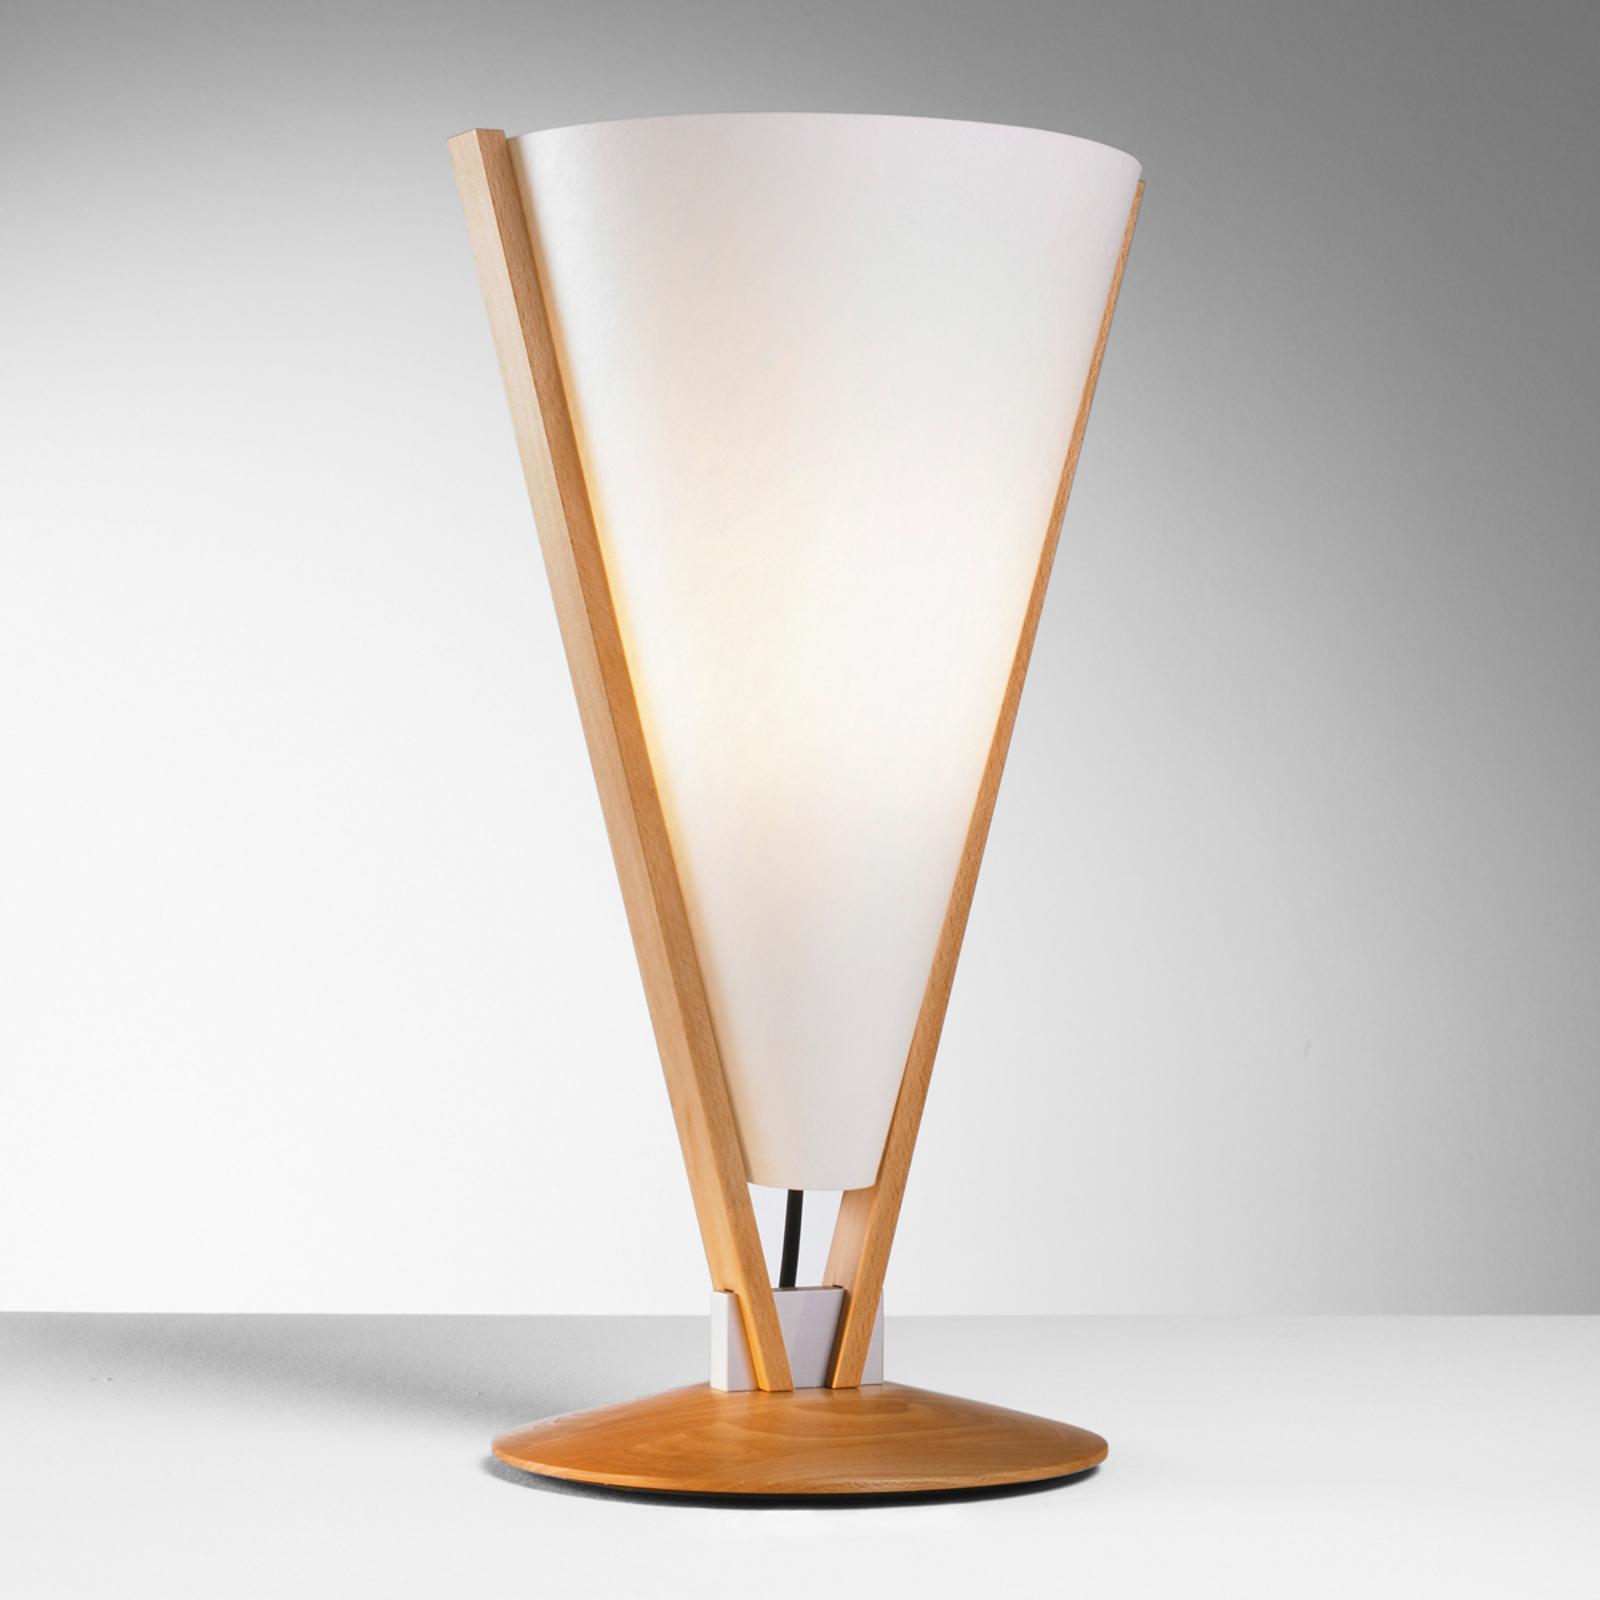 SEBA lampa stołowa z przełącznikiem, buk